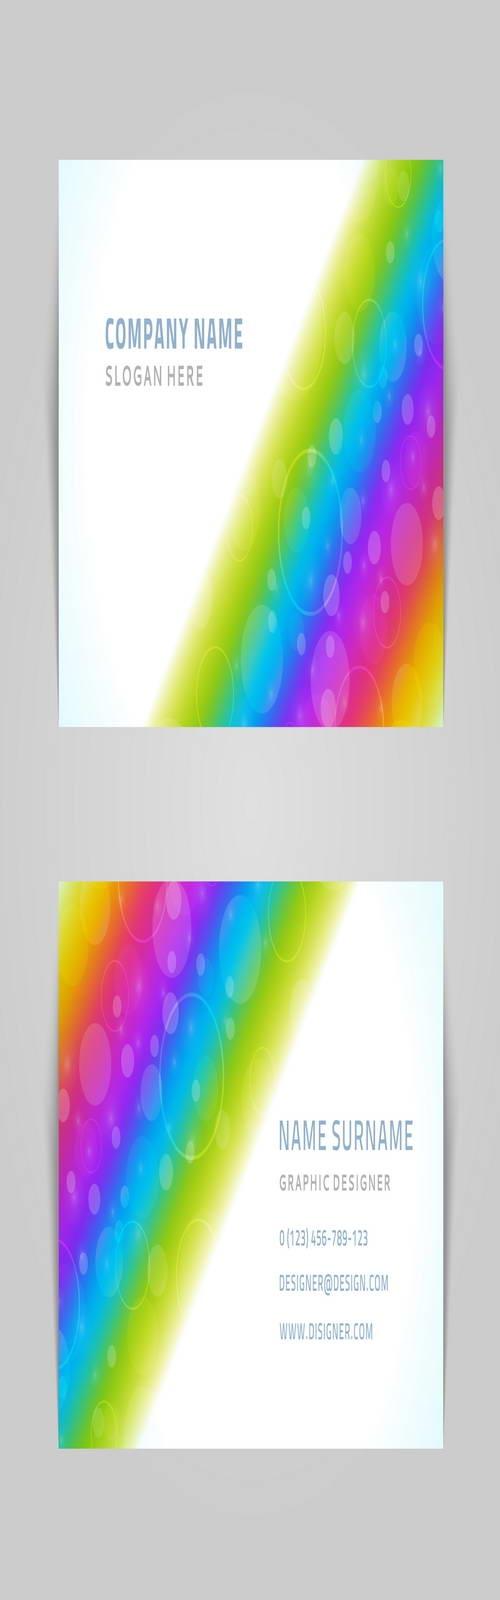 Векторные баннеры #12 (36 файлов)